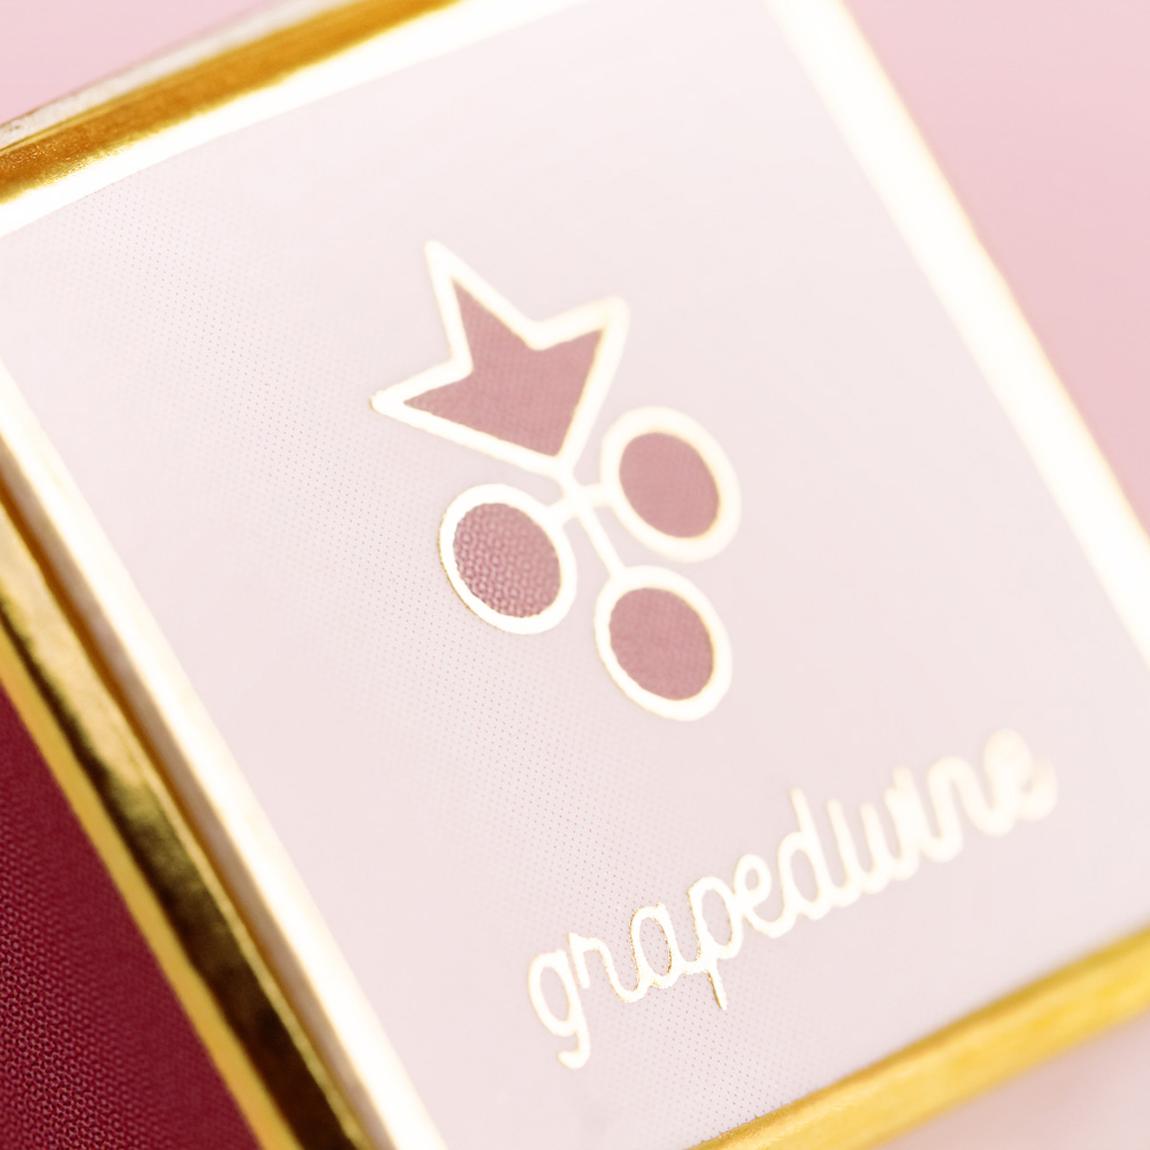 Lippino butter lips Grapedivine Neve Cosmetics